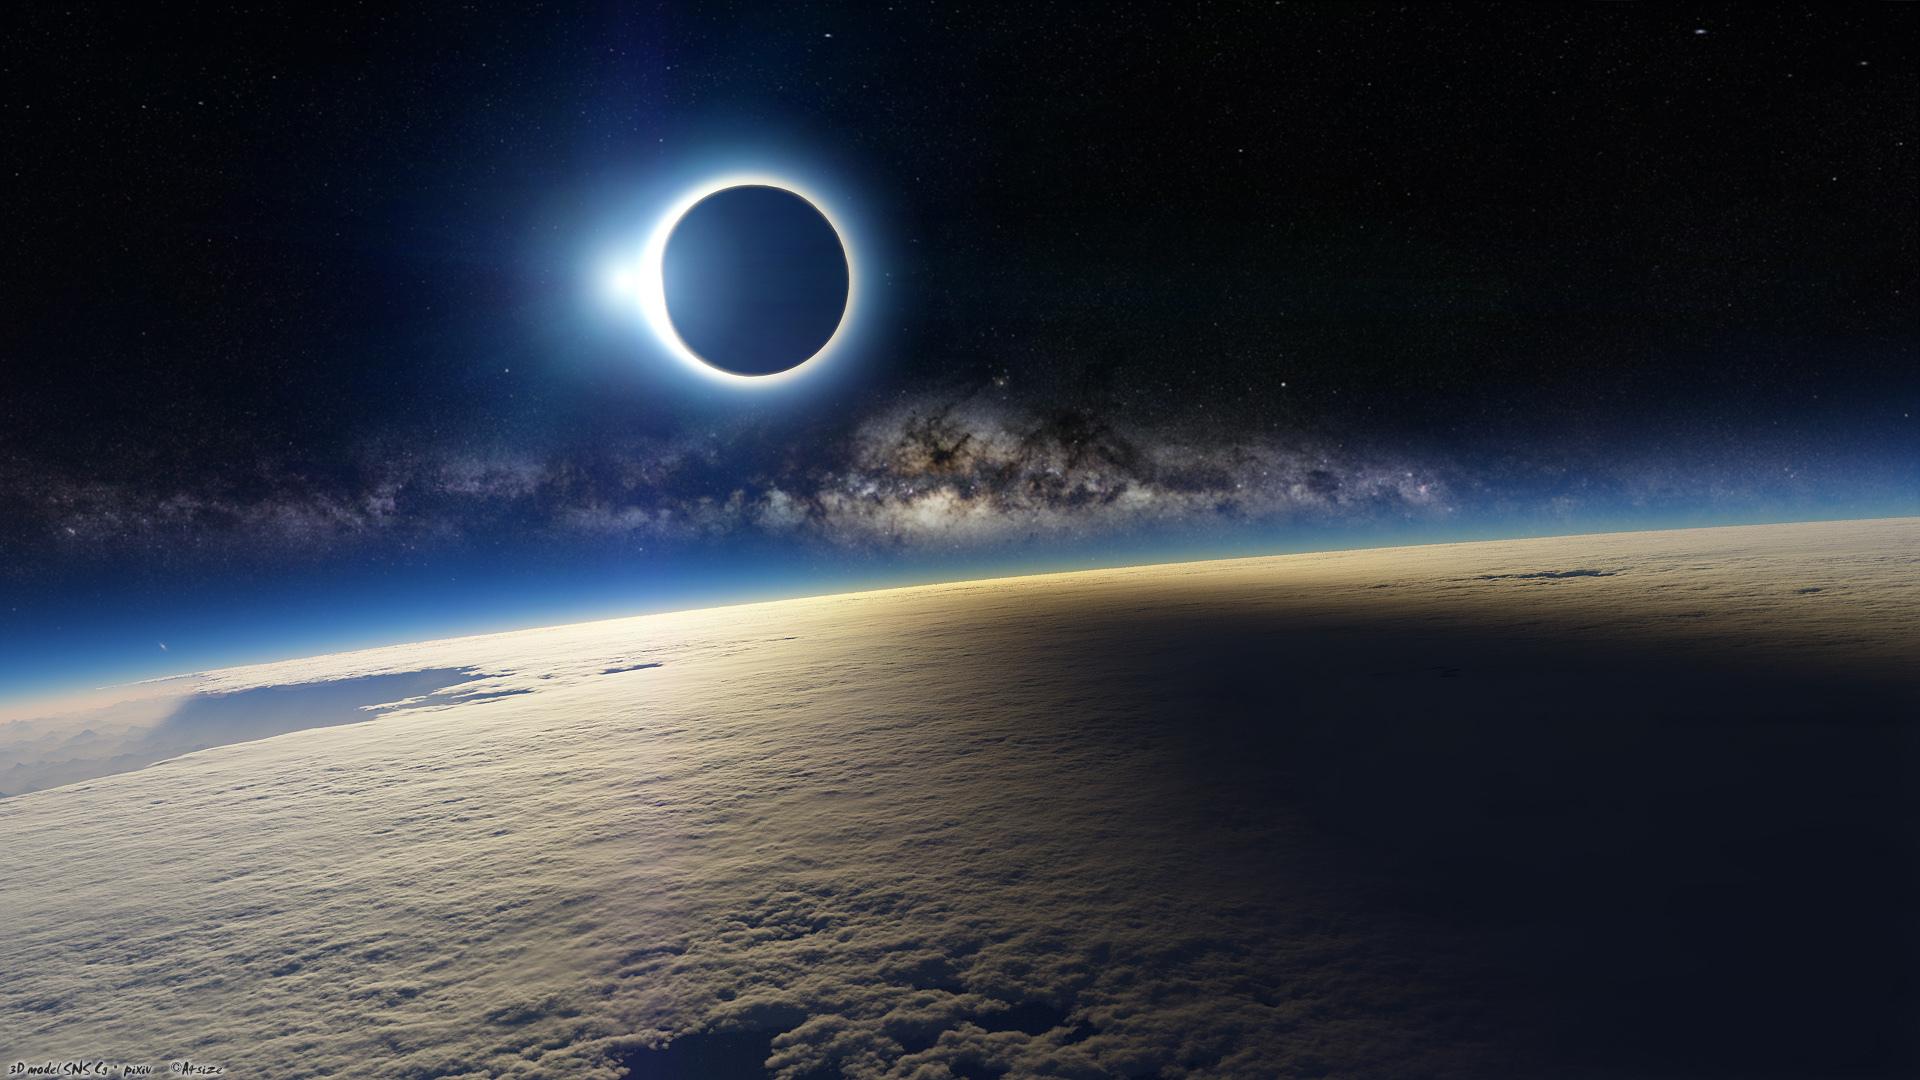 мотивы очень можно ли фотографировать планеты на фотоаппарате всего рахит